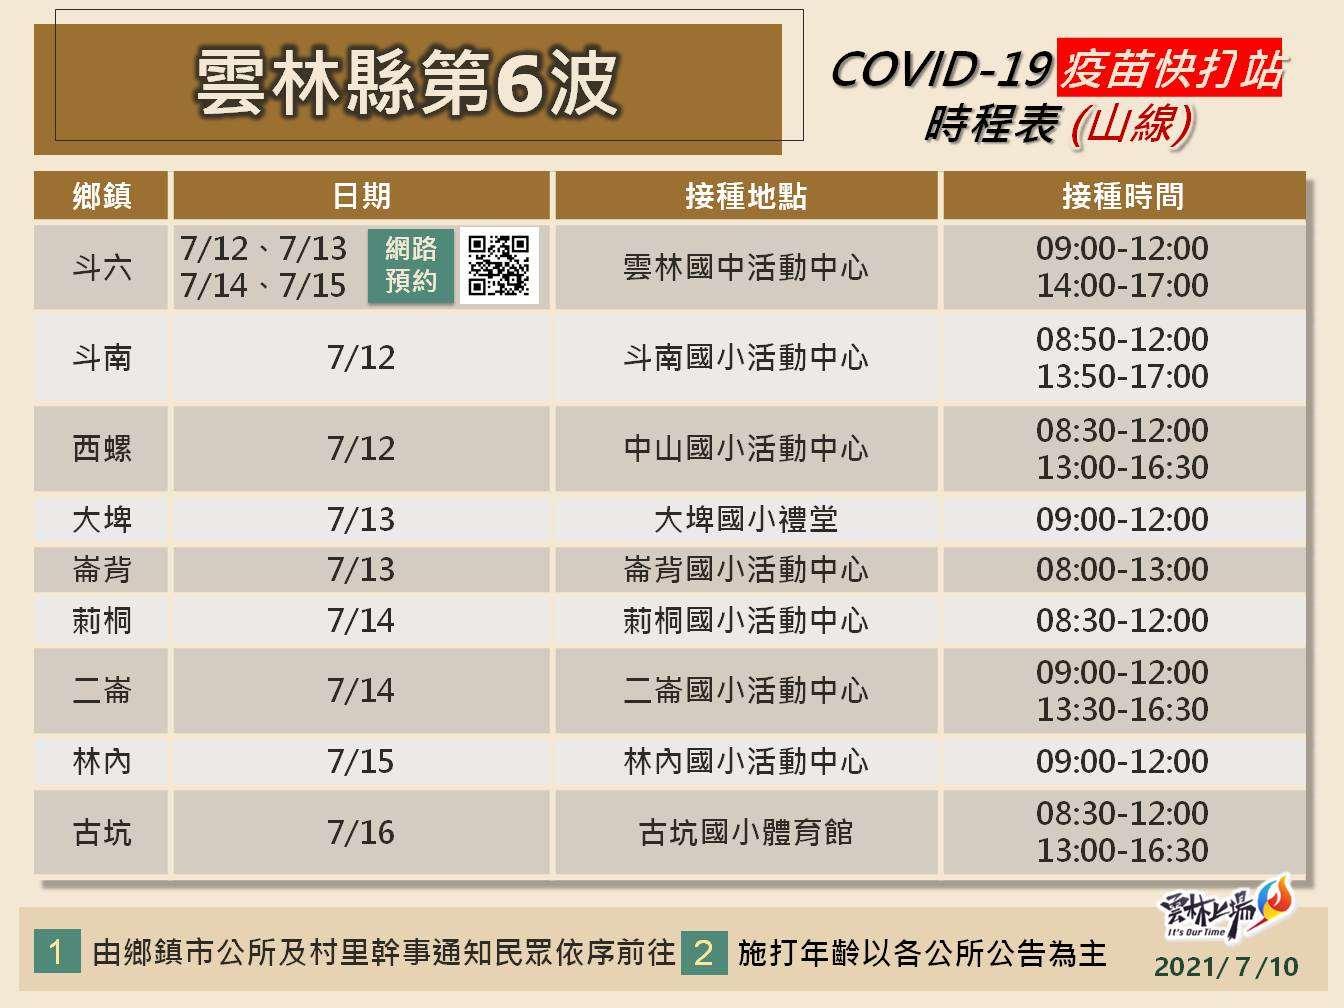 雲林縣第6波COVID-19疫苗快打站時程表(山線)